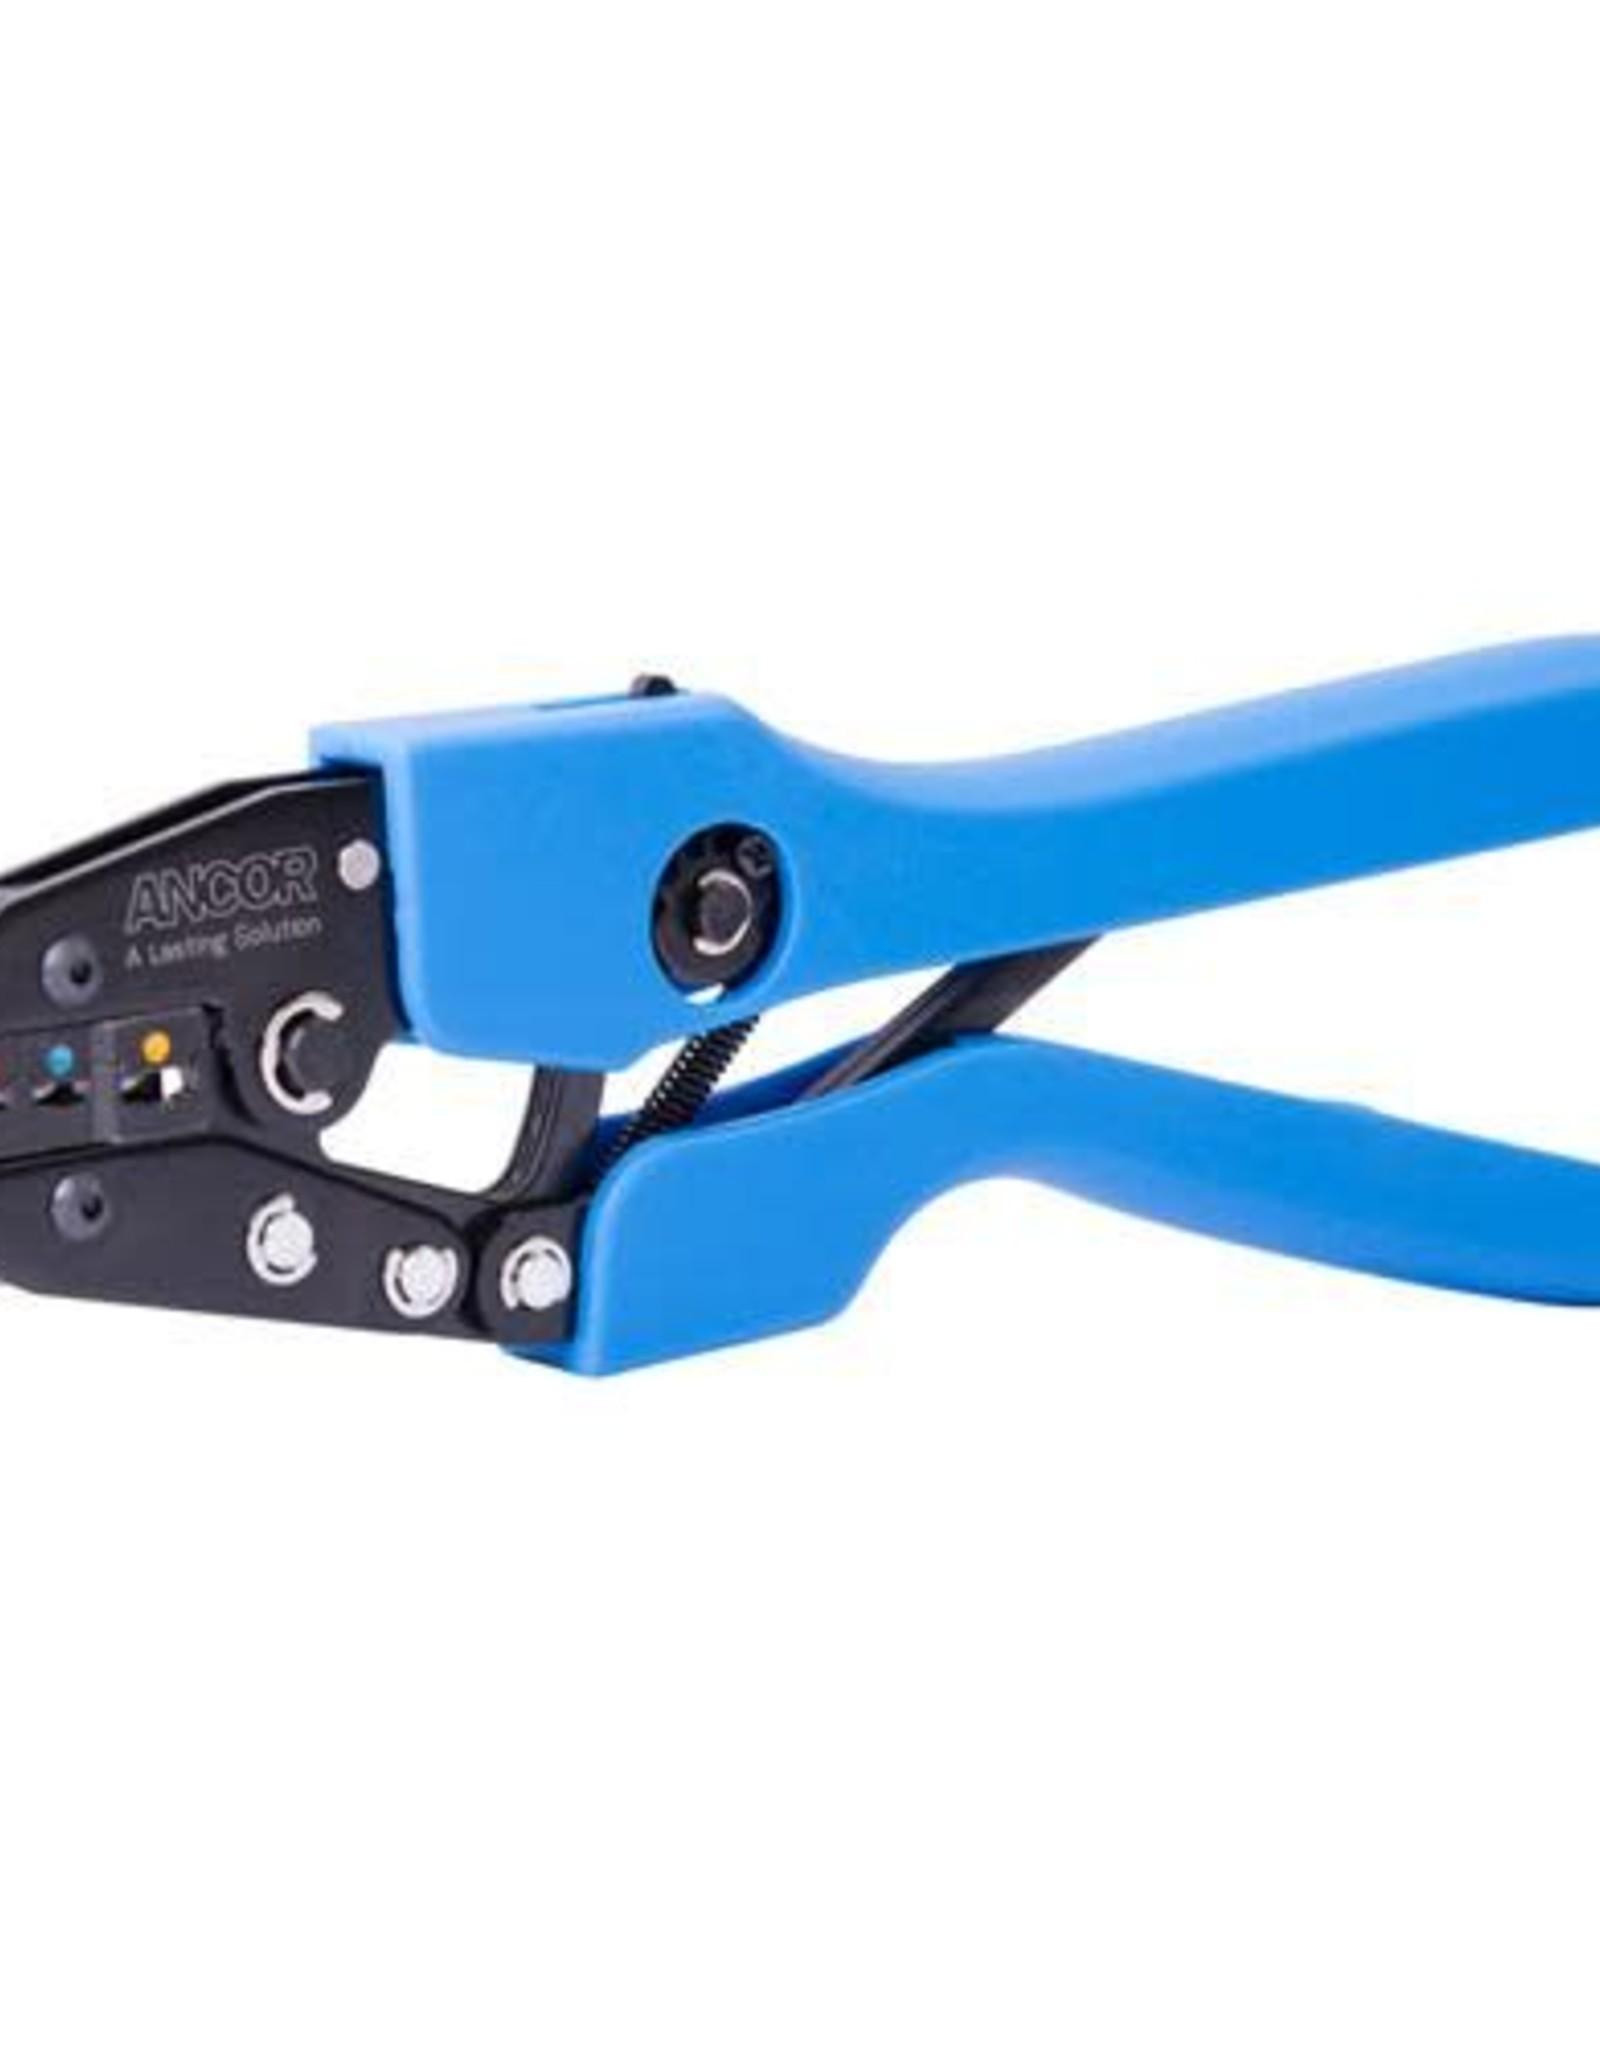 Ancor Double Crimp Ratcheting Crimper 703030